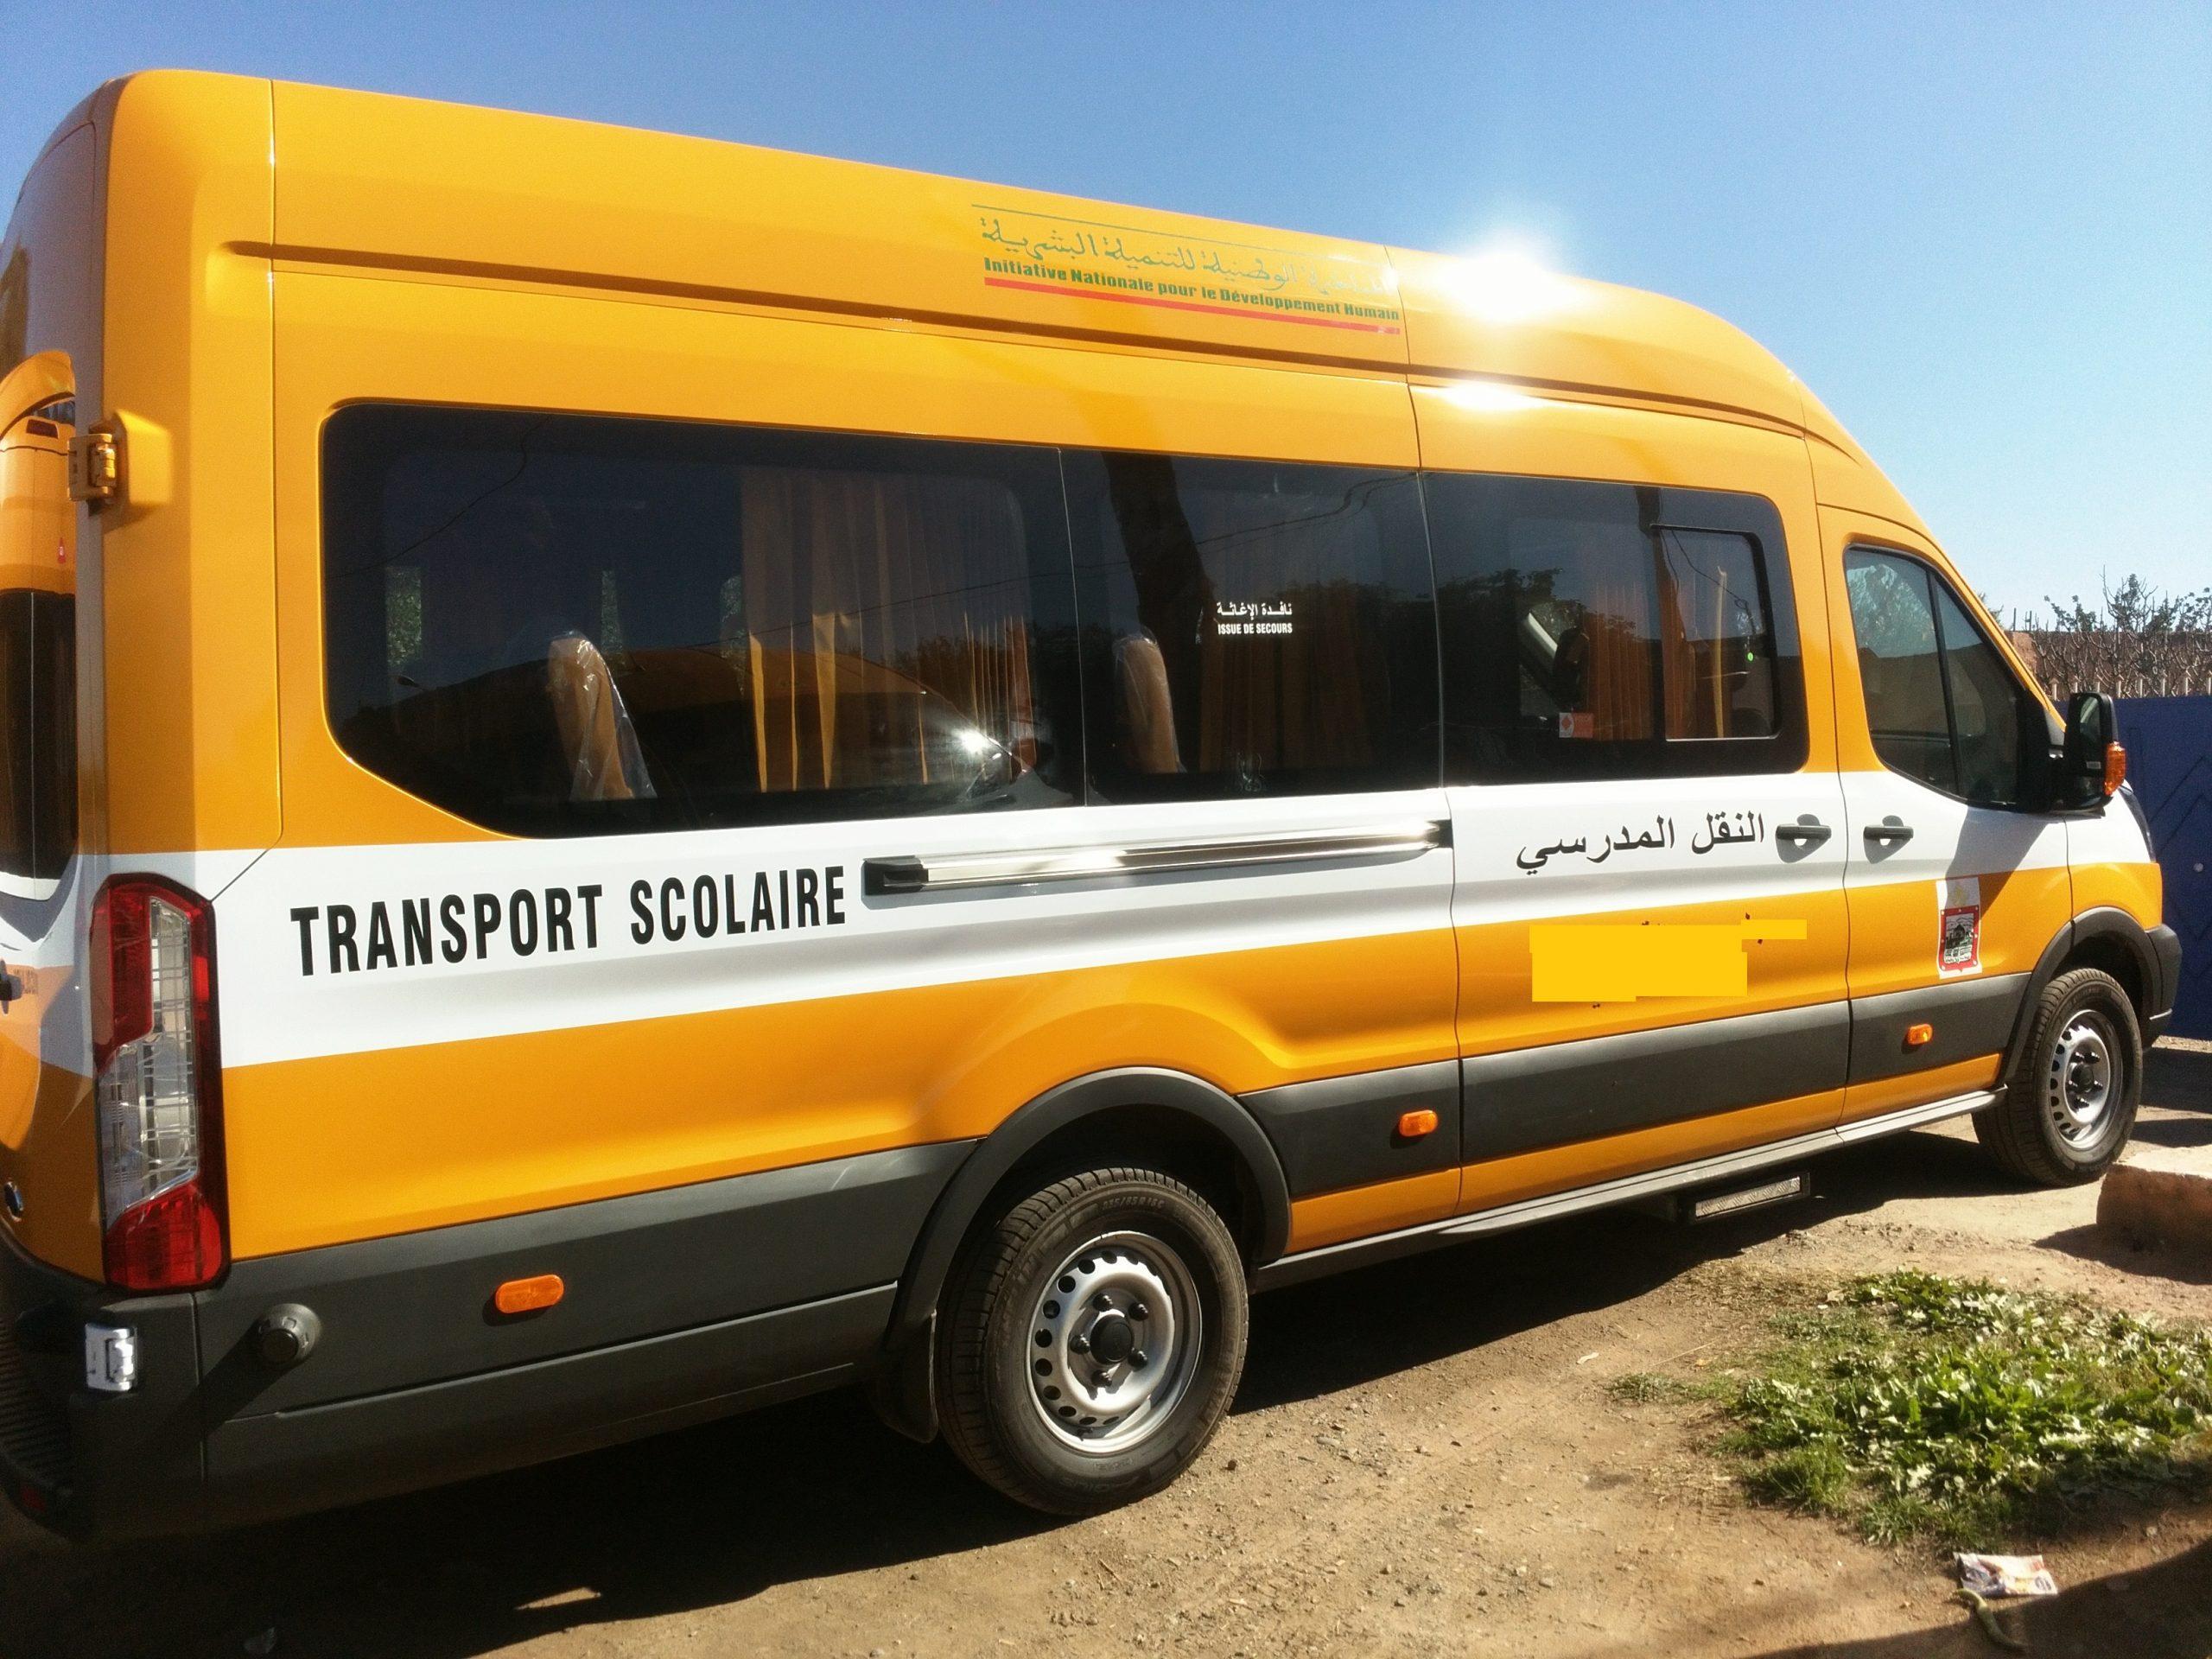 صورة اعتقال سائق حاول اغتصاب تلميذة داخل حافلة للنقل المدرسي